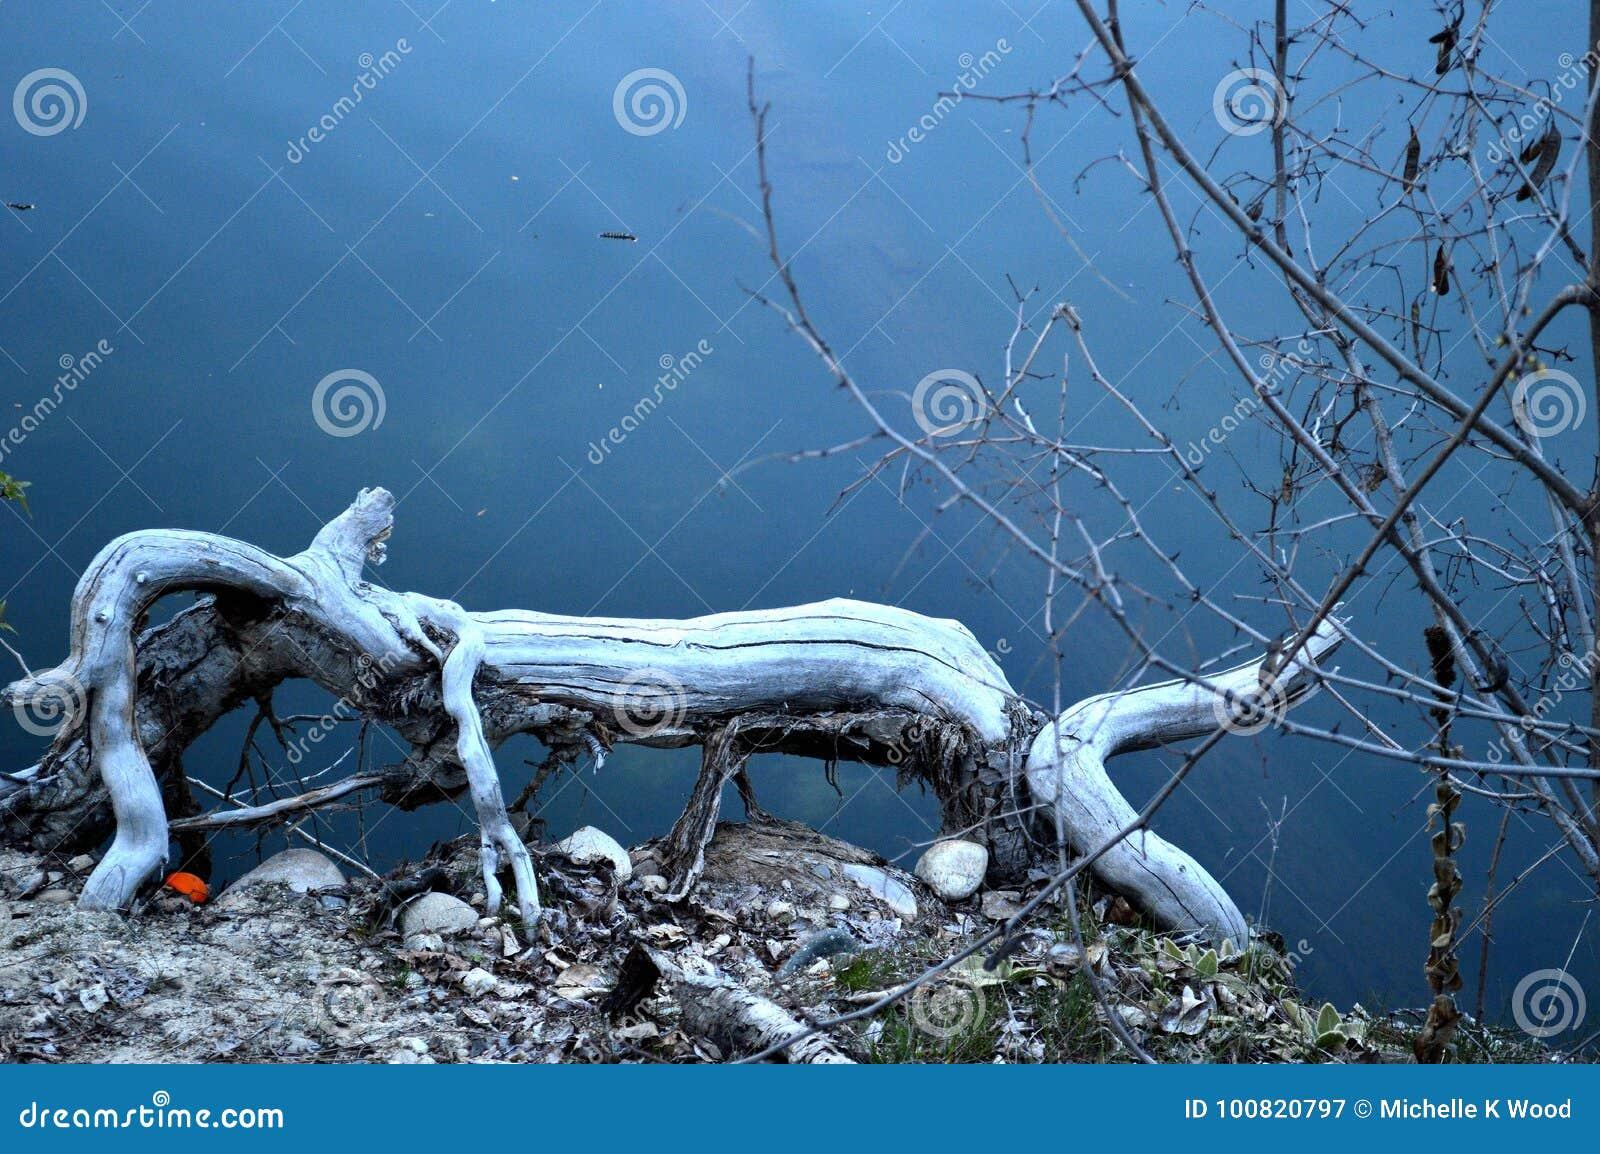 Whimsical log animal in the lake